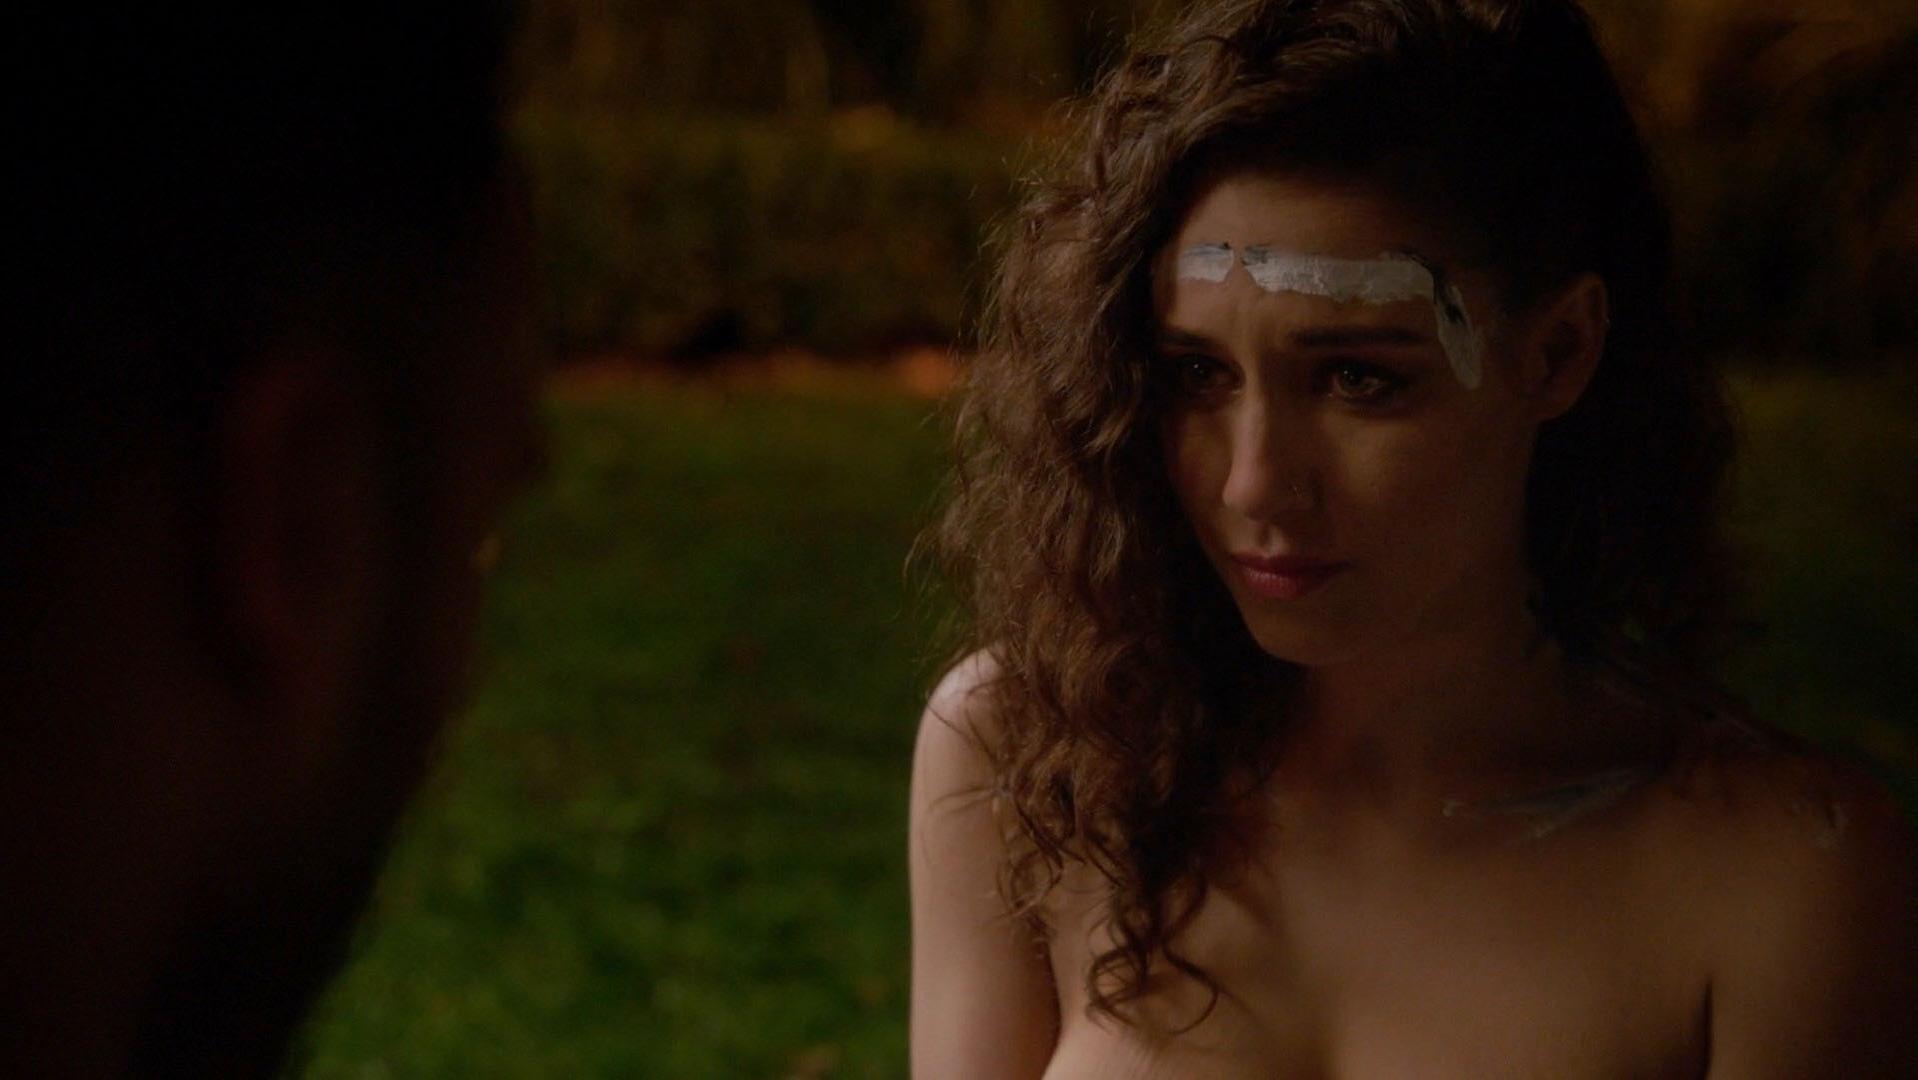 Nude video celebs  Jade Tailor nude  The Magicians